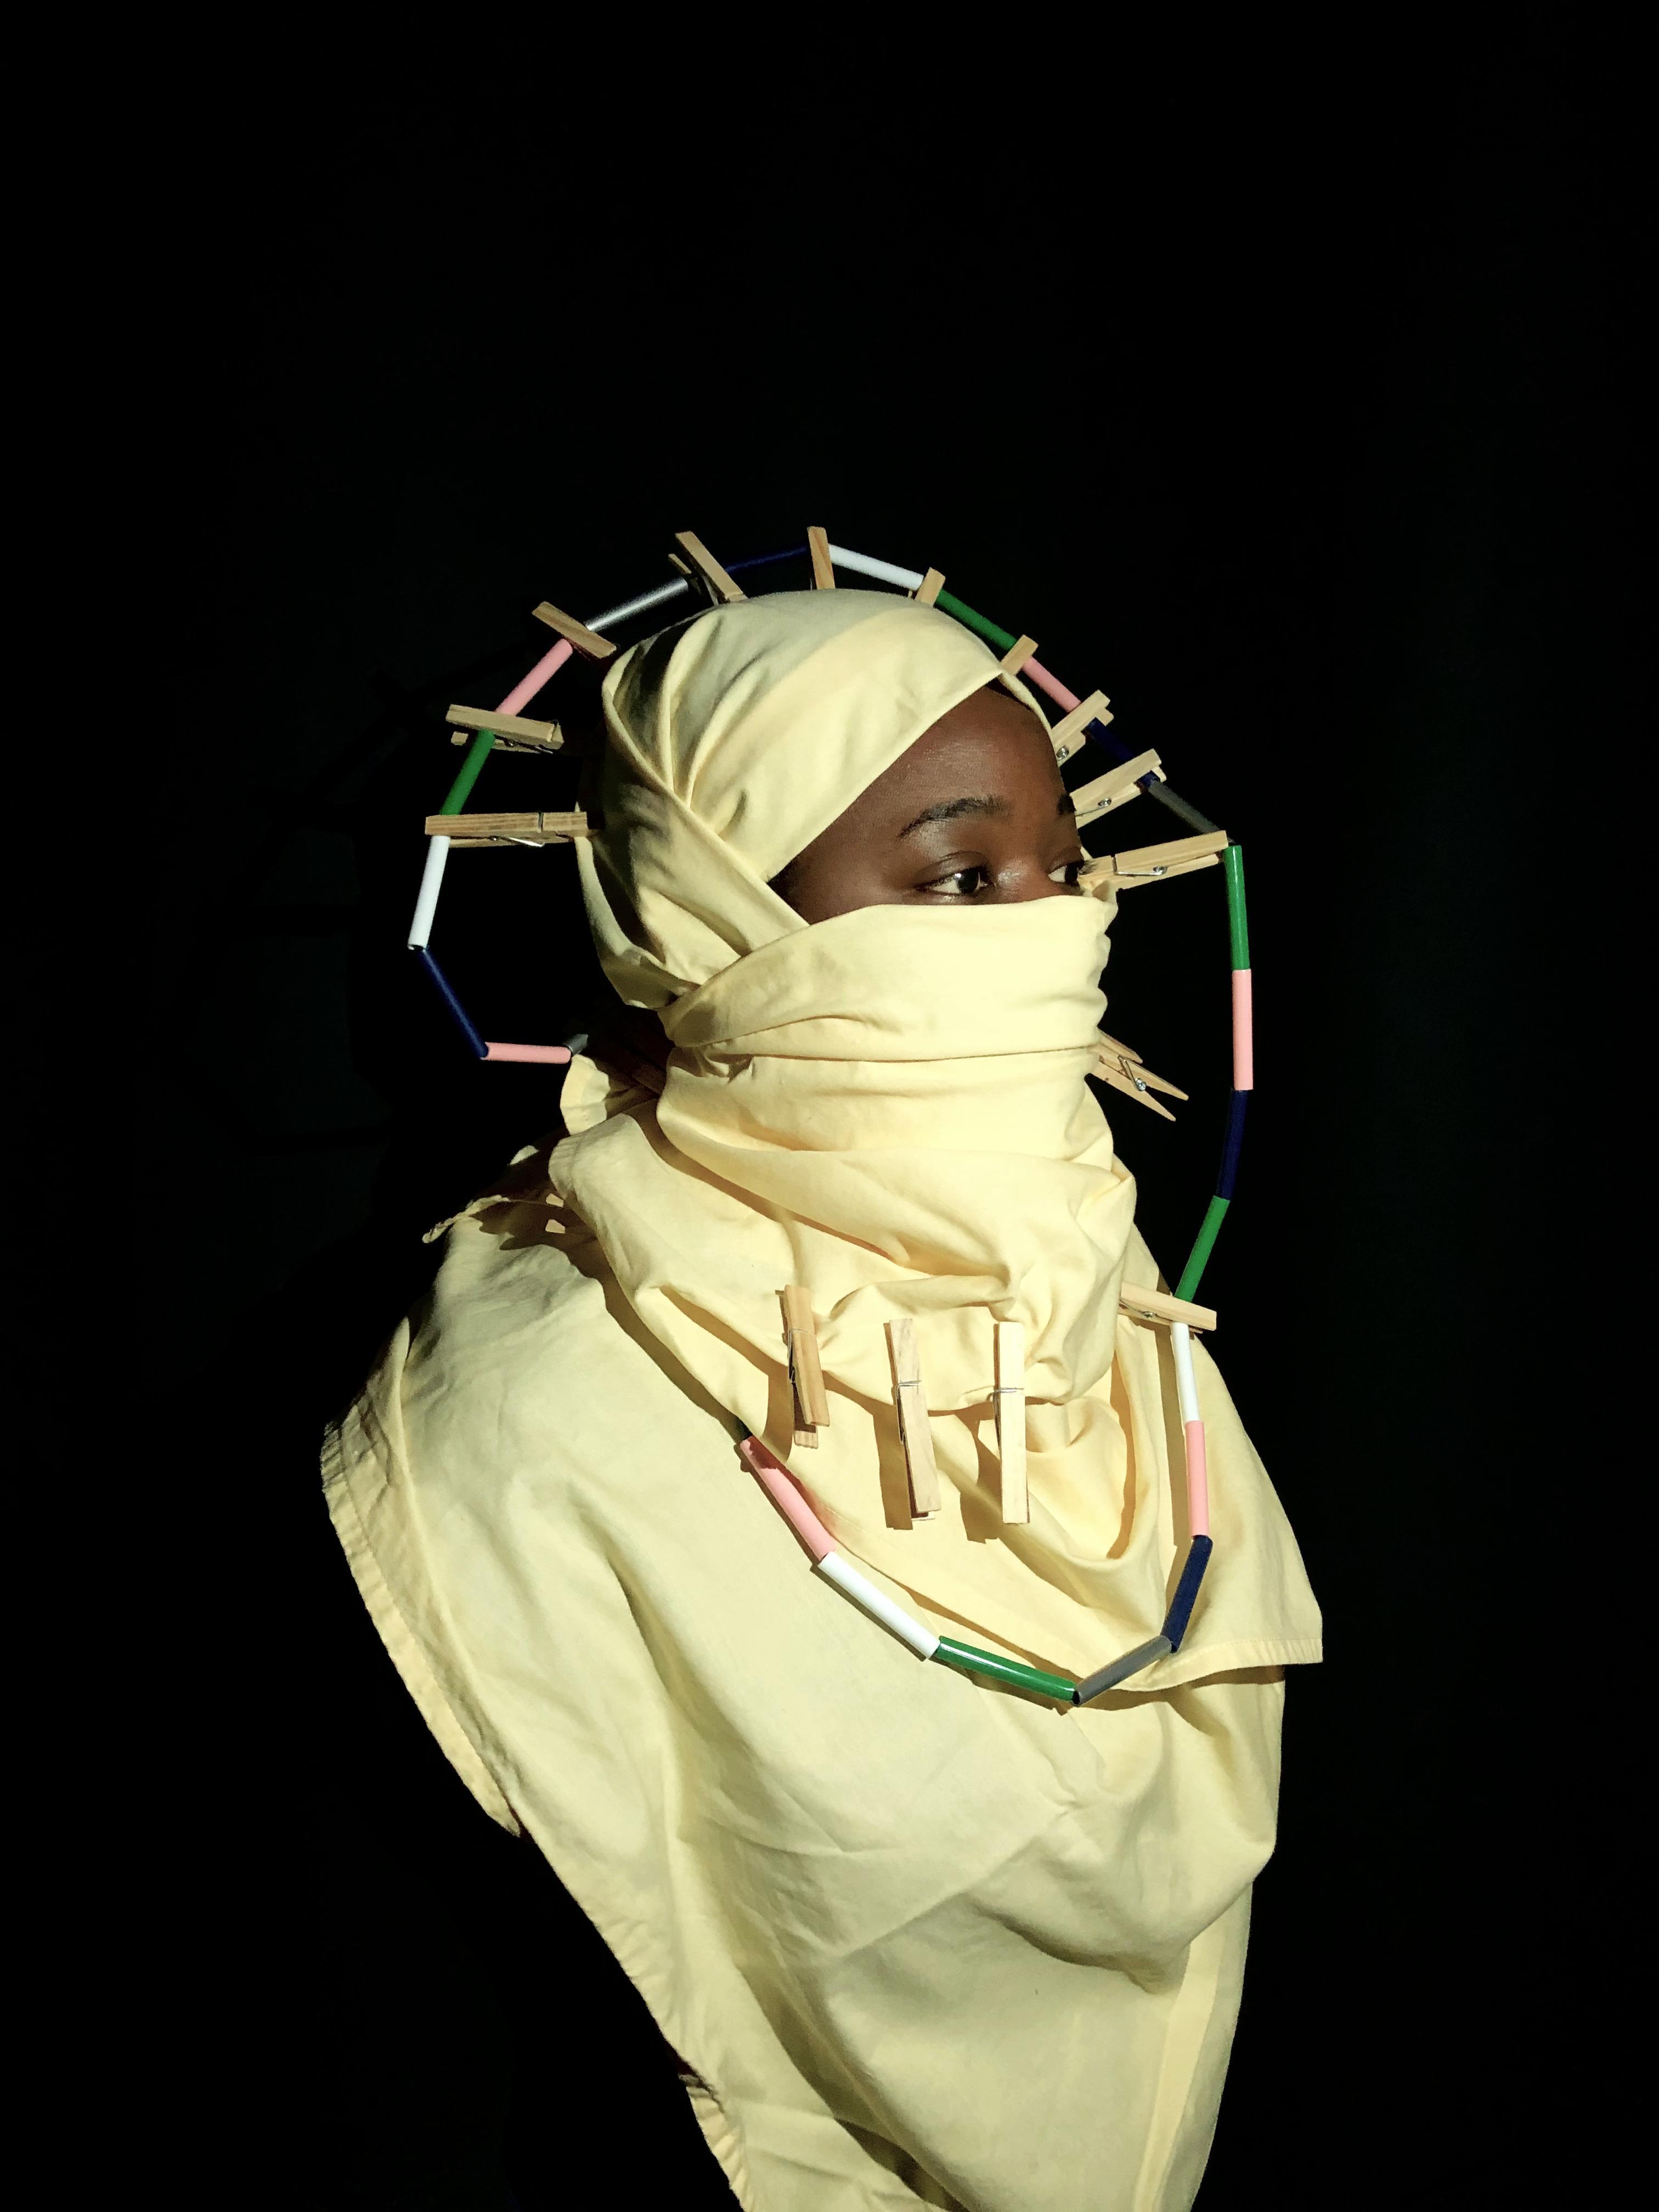 Een geel doek als schild, een dansende Jasmijn en een bubblegum; winnaars Frans Hals-fotowedstrijd bekend